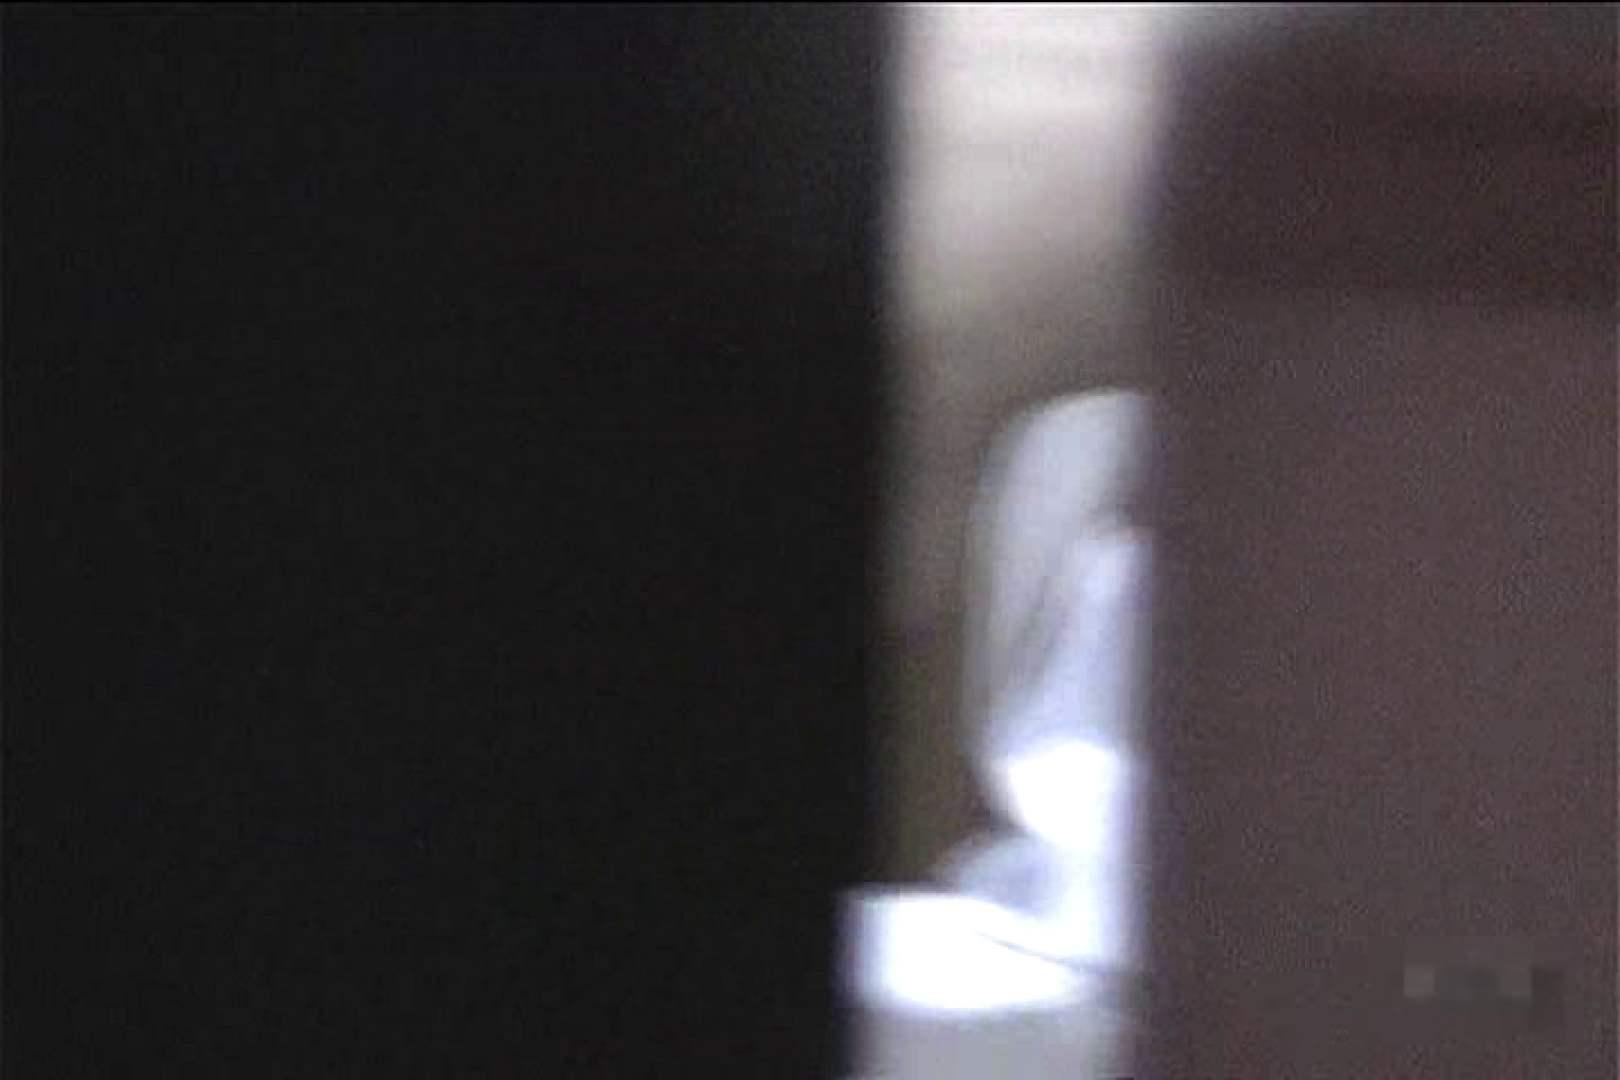 激撮ストーカー記録あなたのお宅拝見しますVol.11 オナニーDEエッチ オマンコ動画キャプチャ 78PIX 34